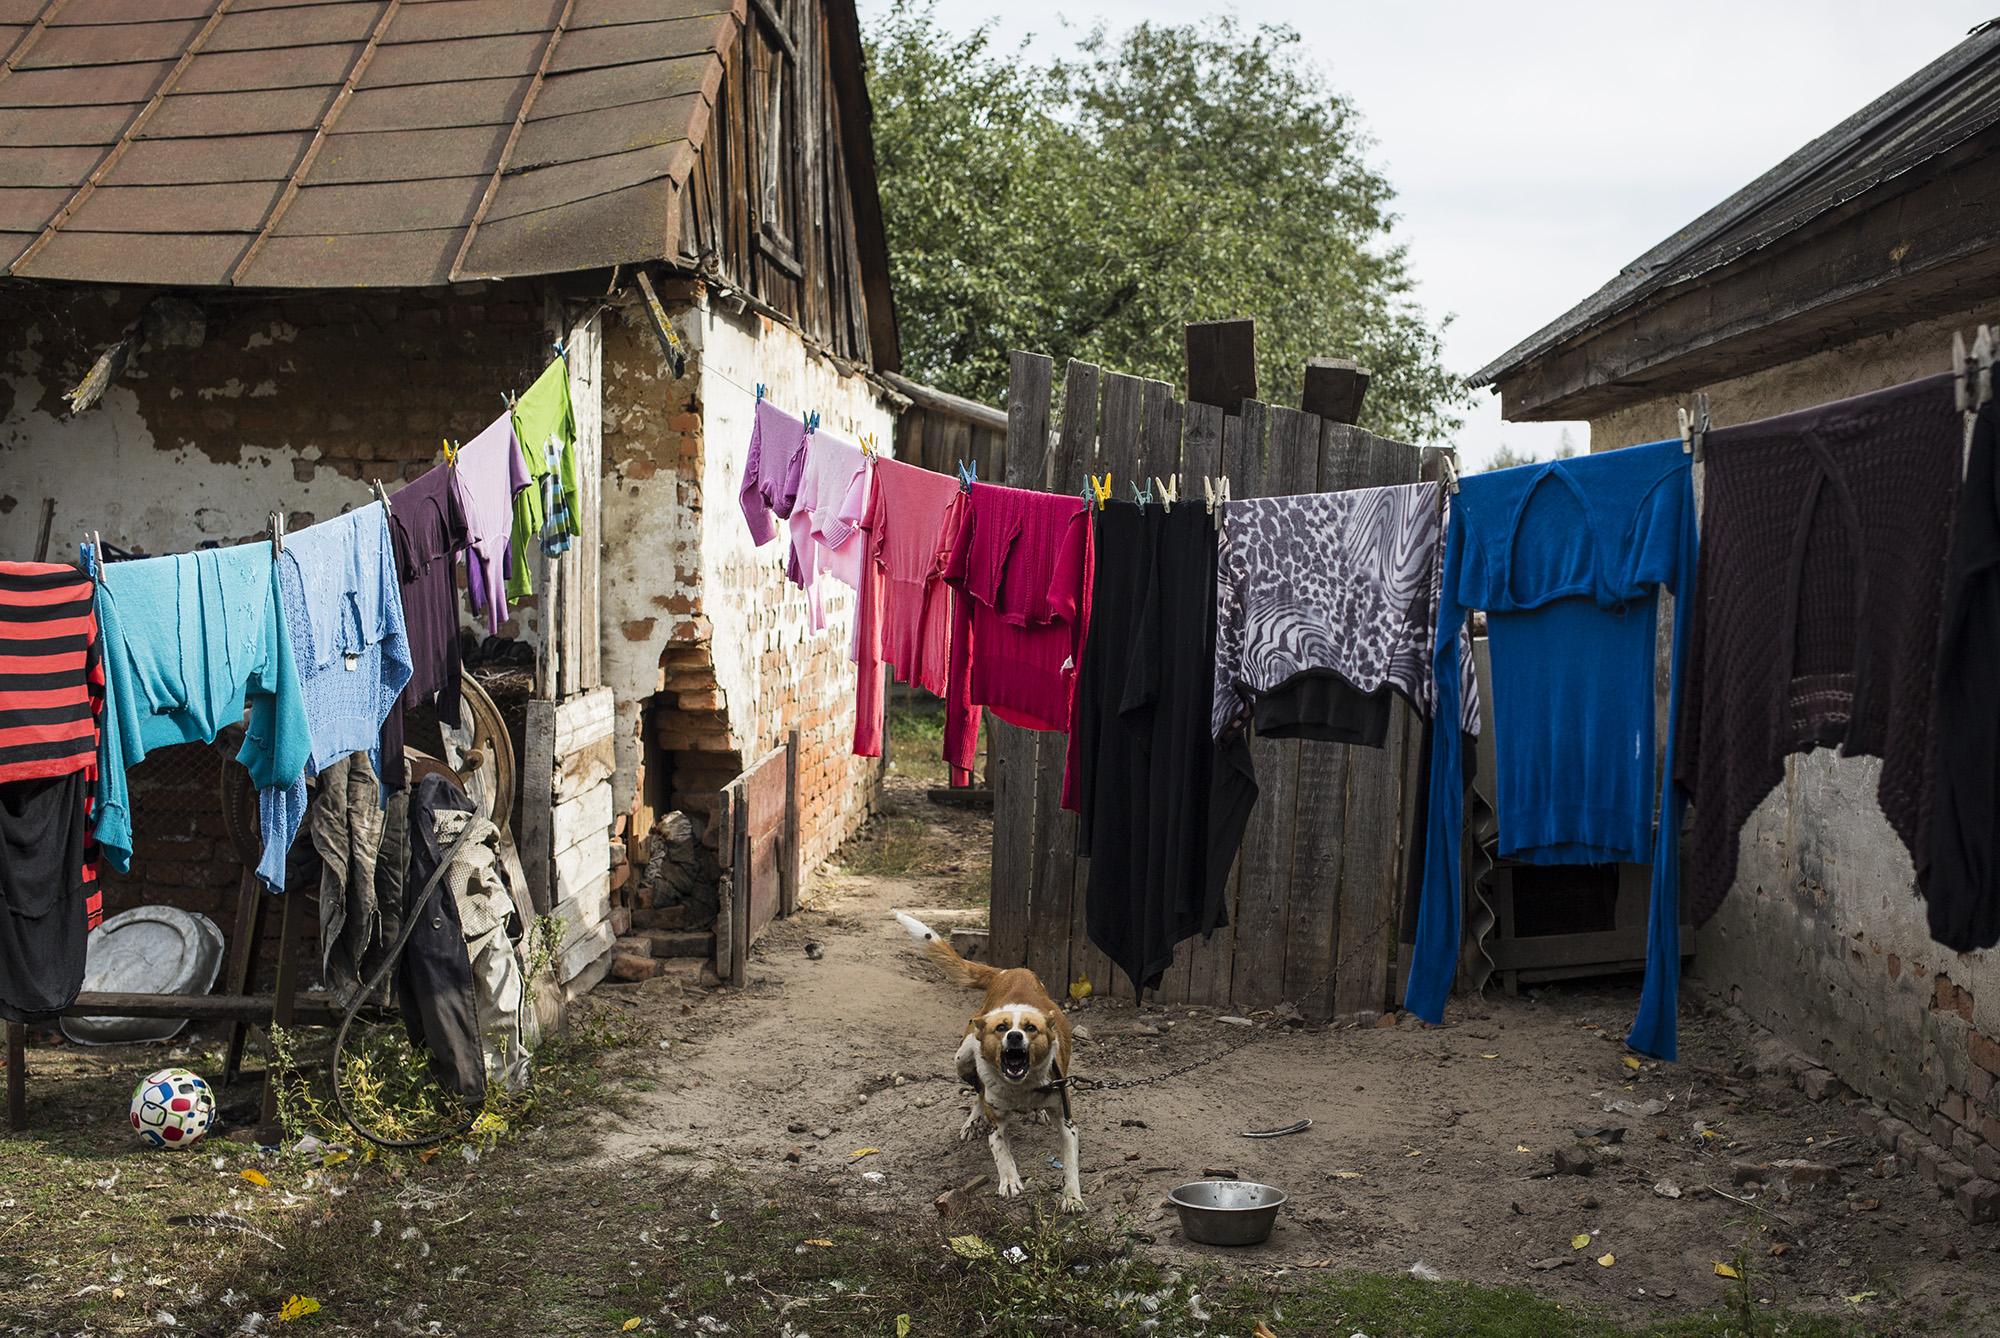 3аміжнім жінкам ніколи не можна прати свою білизну під час дощу, а білизну чоловіка віджимати варто тільки руками. І 0сь чому